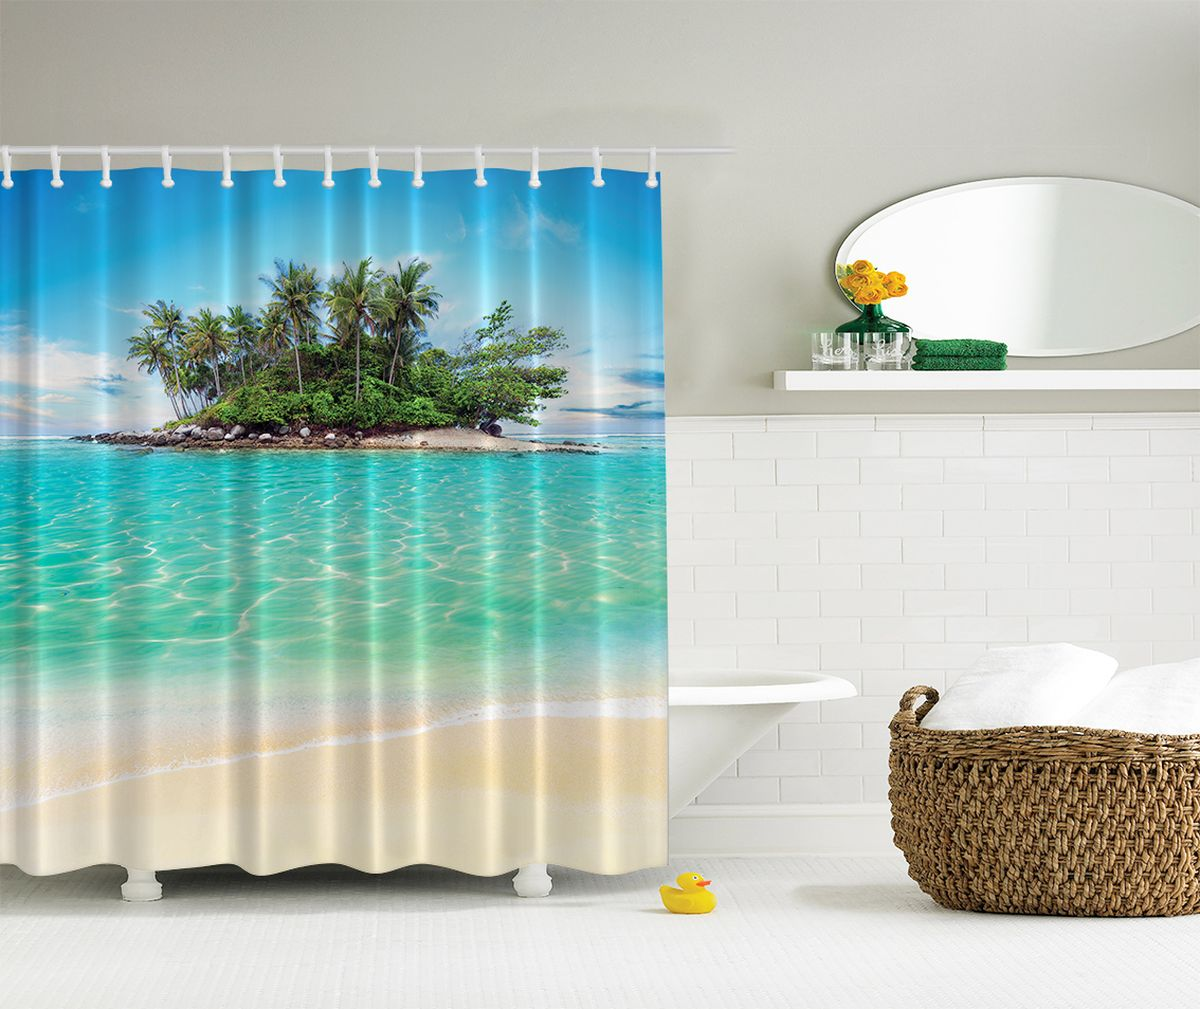 """Штора Magic Lady """"Горячий песок"""", изготовленная из высококачественного сатена (полиэстер 100%), отлично дополнит любой интерьер ванной комнаты. При изготовлении используются специальные гипоаллергенные чернила для прямой печати по ткани, безопасные для человека.    В комплекте: 1 штора, 12 крючков. Обращаем ваше внимание, фактический цвет изделия может незначительно отличаться от представленного на фото."""